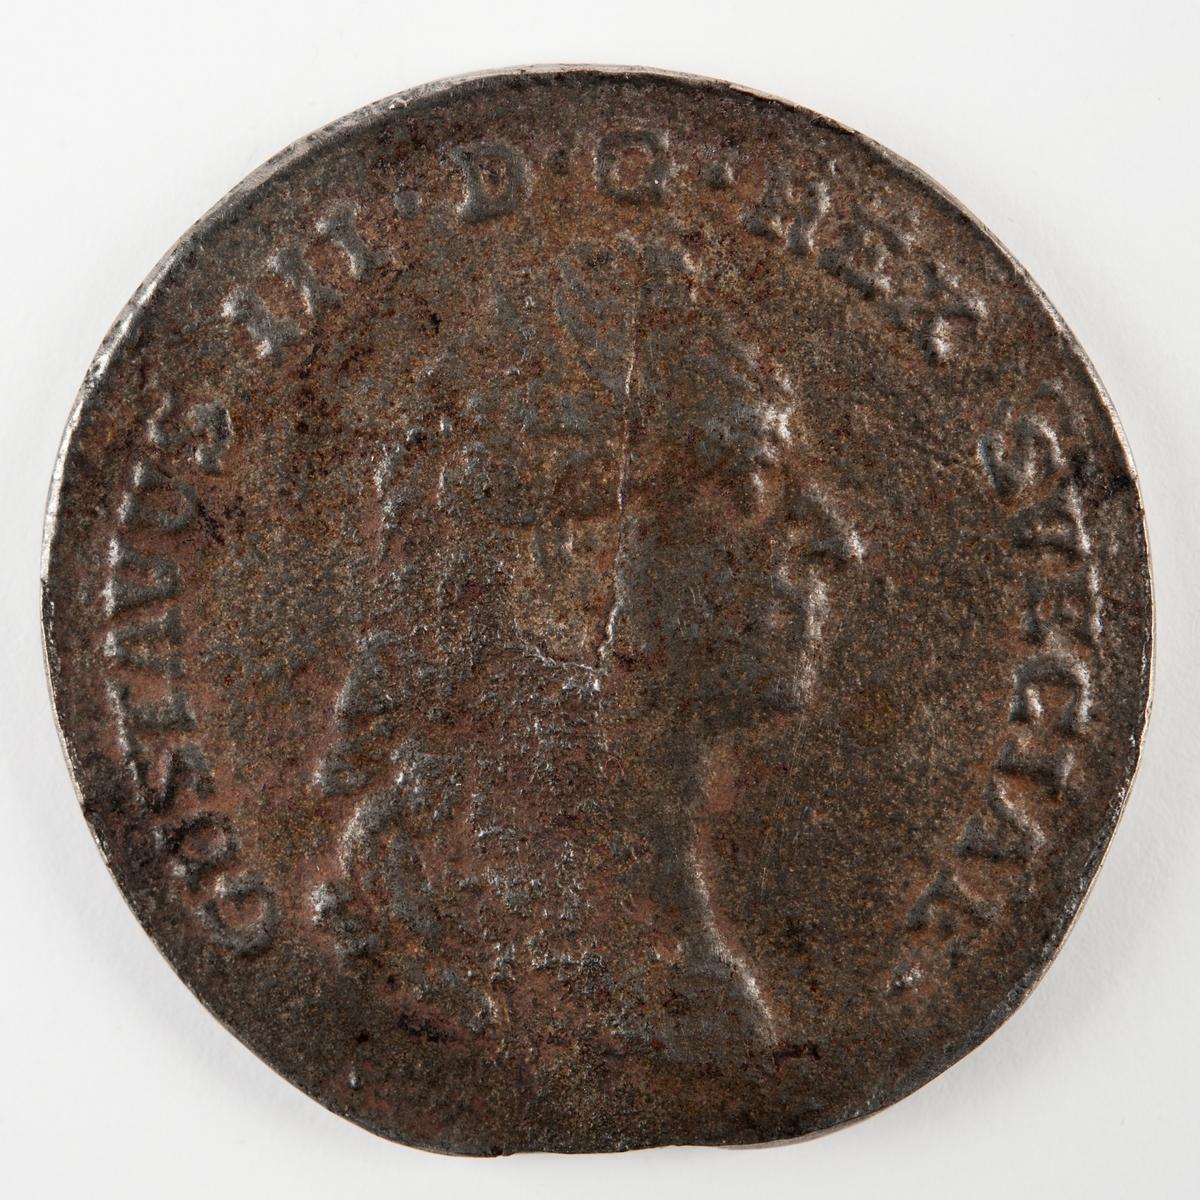 Medalj i järn, präglad över slaget vid Svensksund 9 juli 1790. Framsida: Porträtt av Gustaf III.